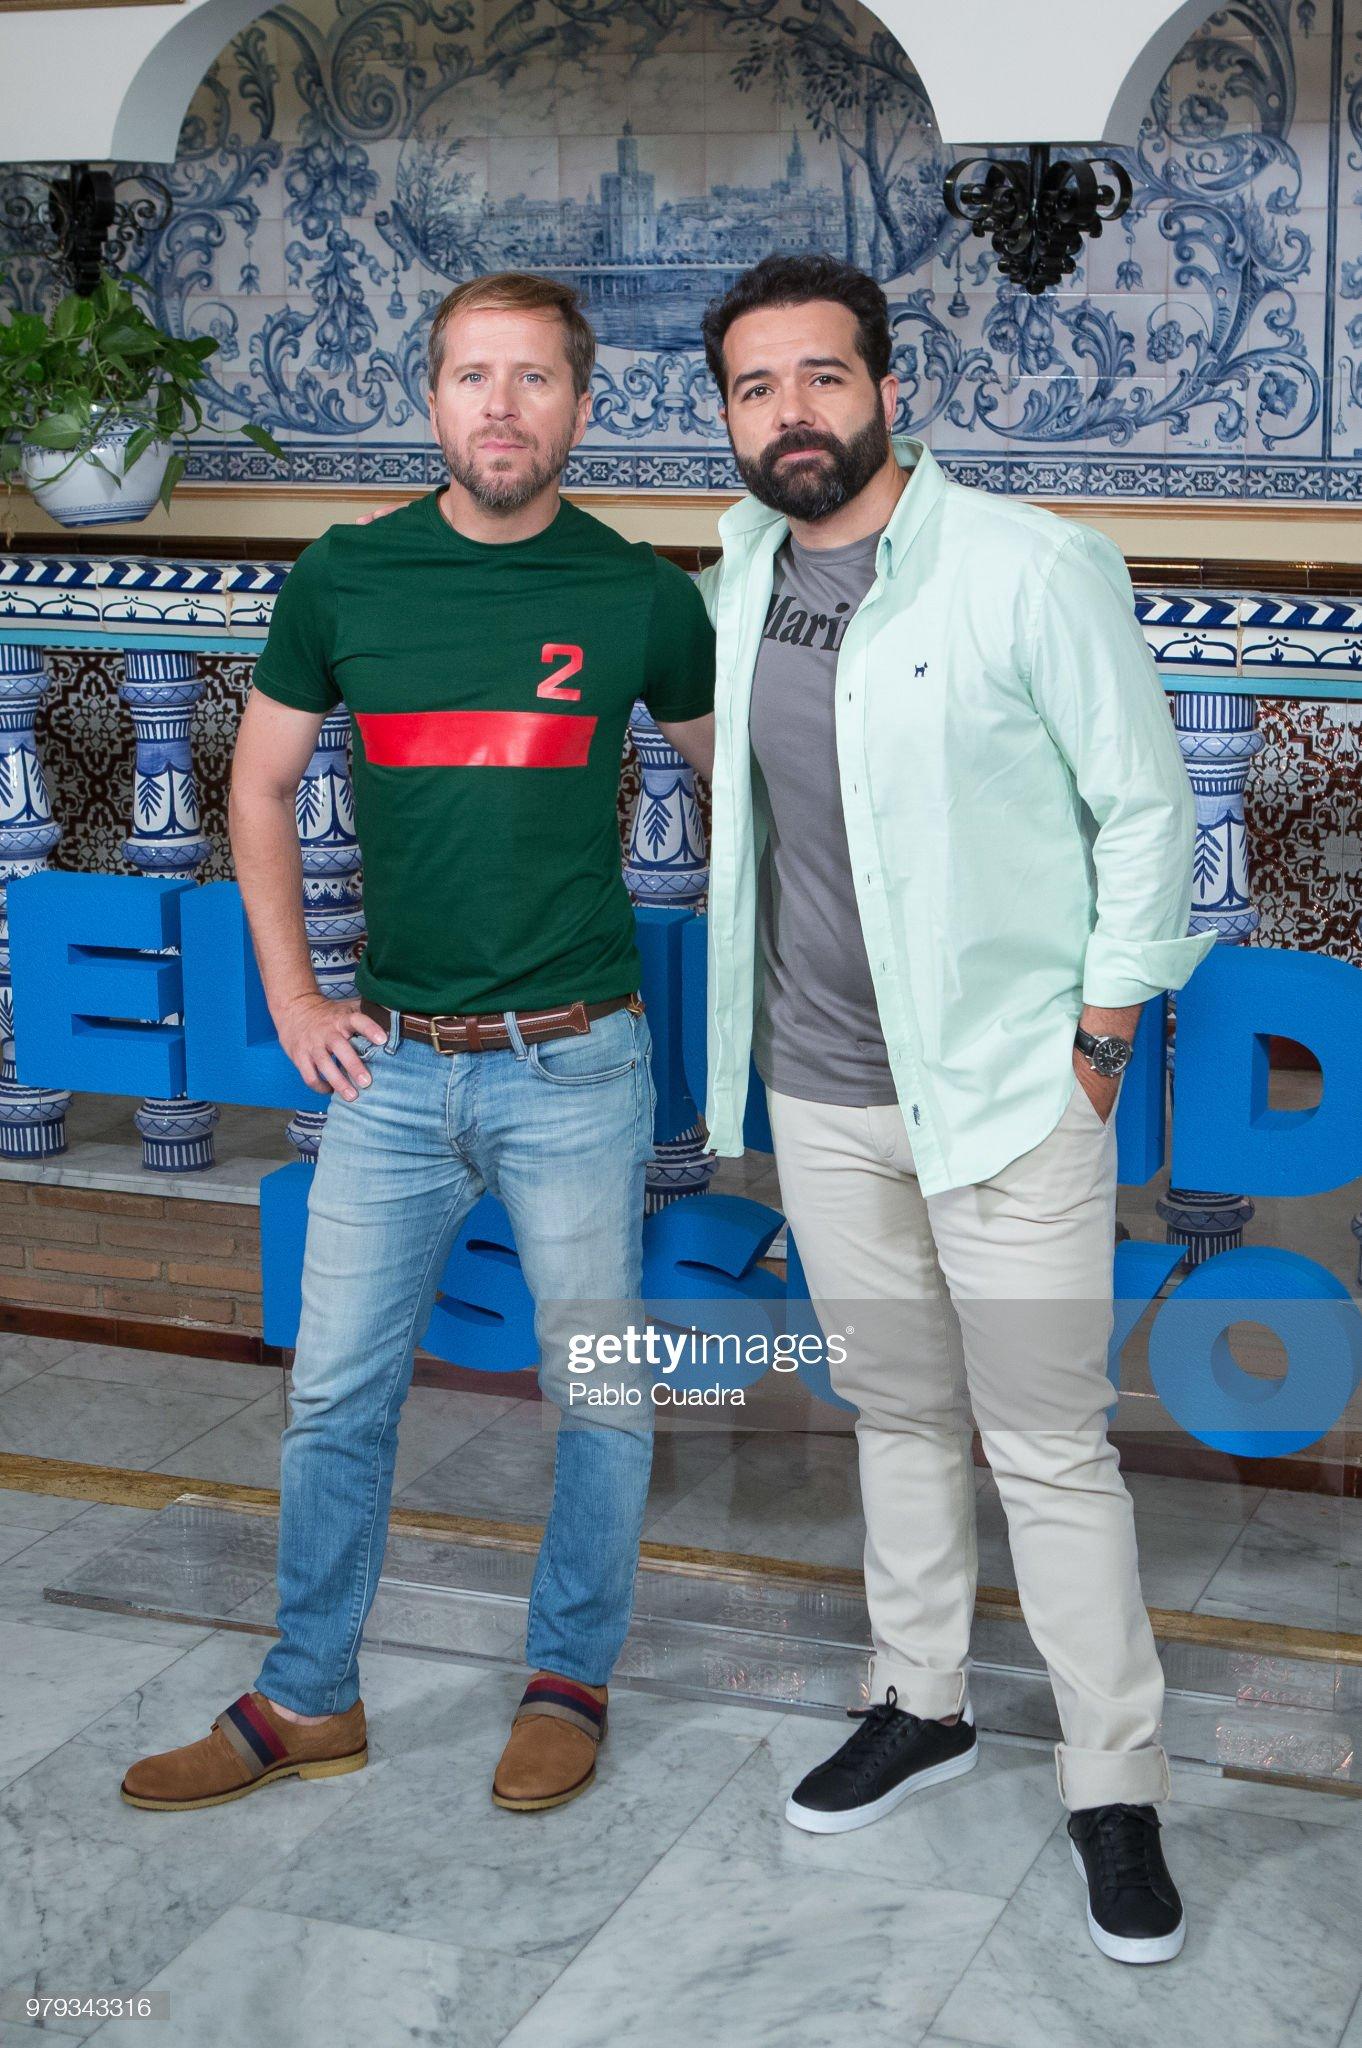 ¿Cuánto mide Alfonso Sánchez? - Altura Actors-alberto-lopez-and-alfonso-sanchez-attend-the-el-mundo-es-suyo-picture-id979343316?s=2048x2048